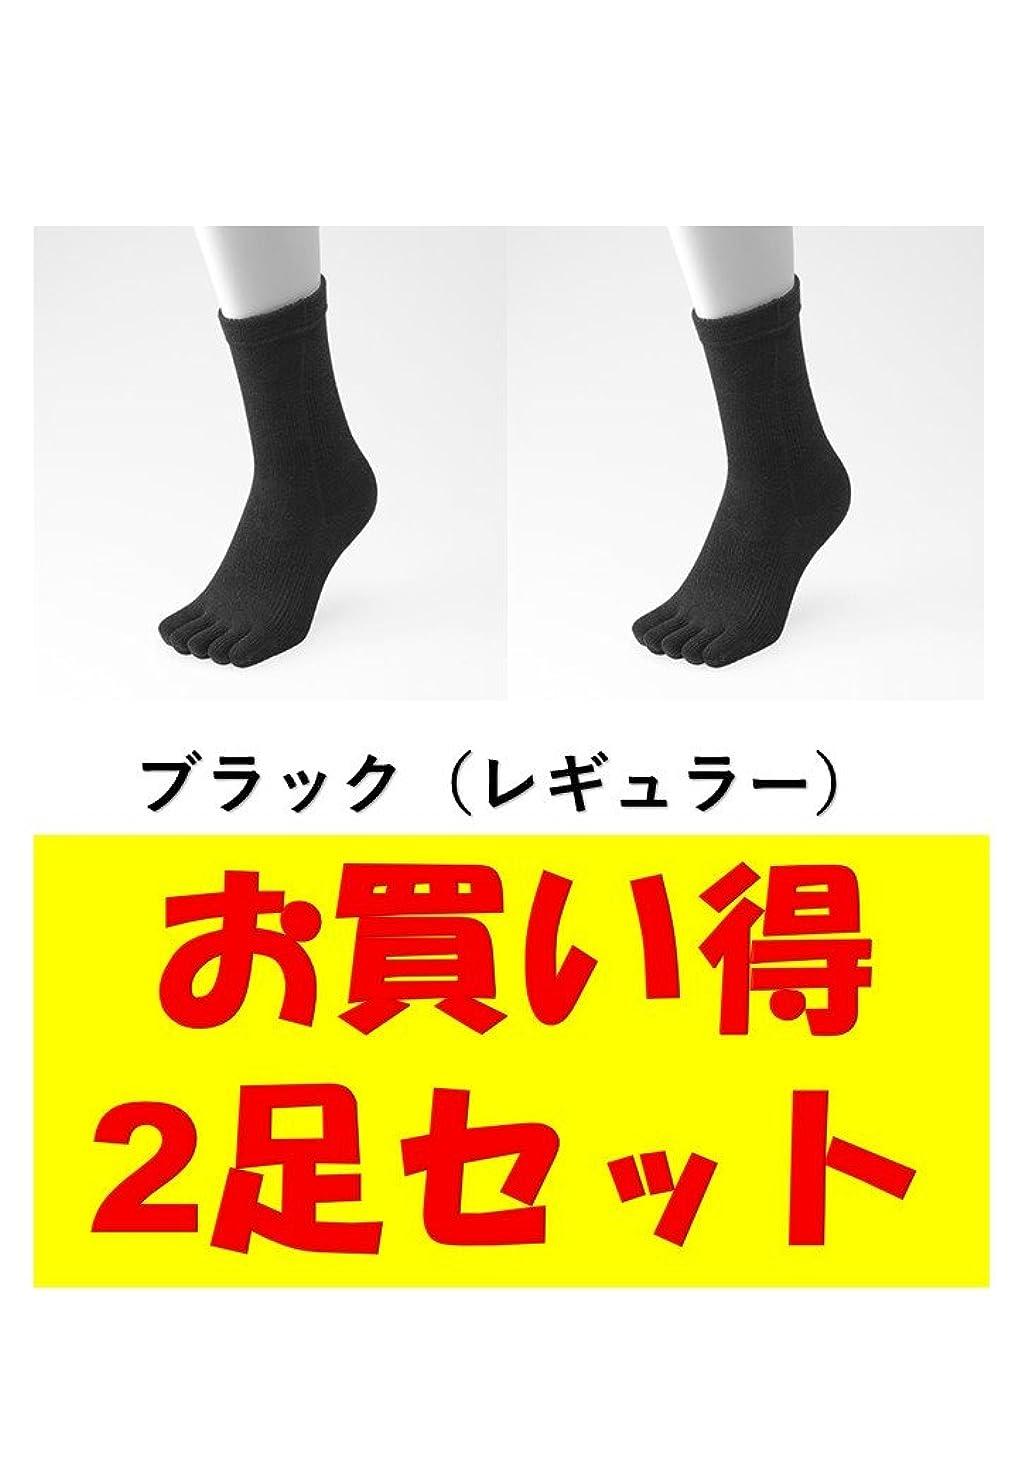 出します代数的声を出してお買い得2足セット 5本指 ゆびのばソックス ゆびのばレギュラー ブラック 女性用 22.0cm-25.5cm HSREGR-BLK